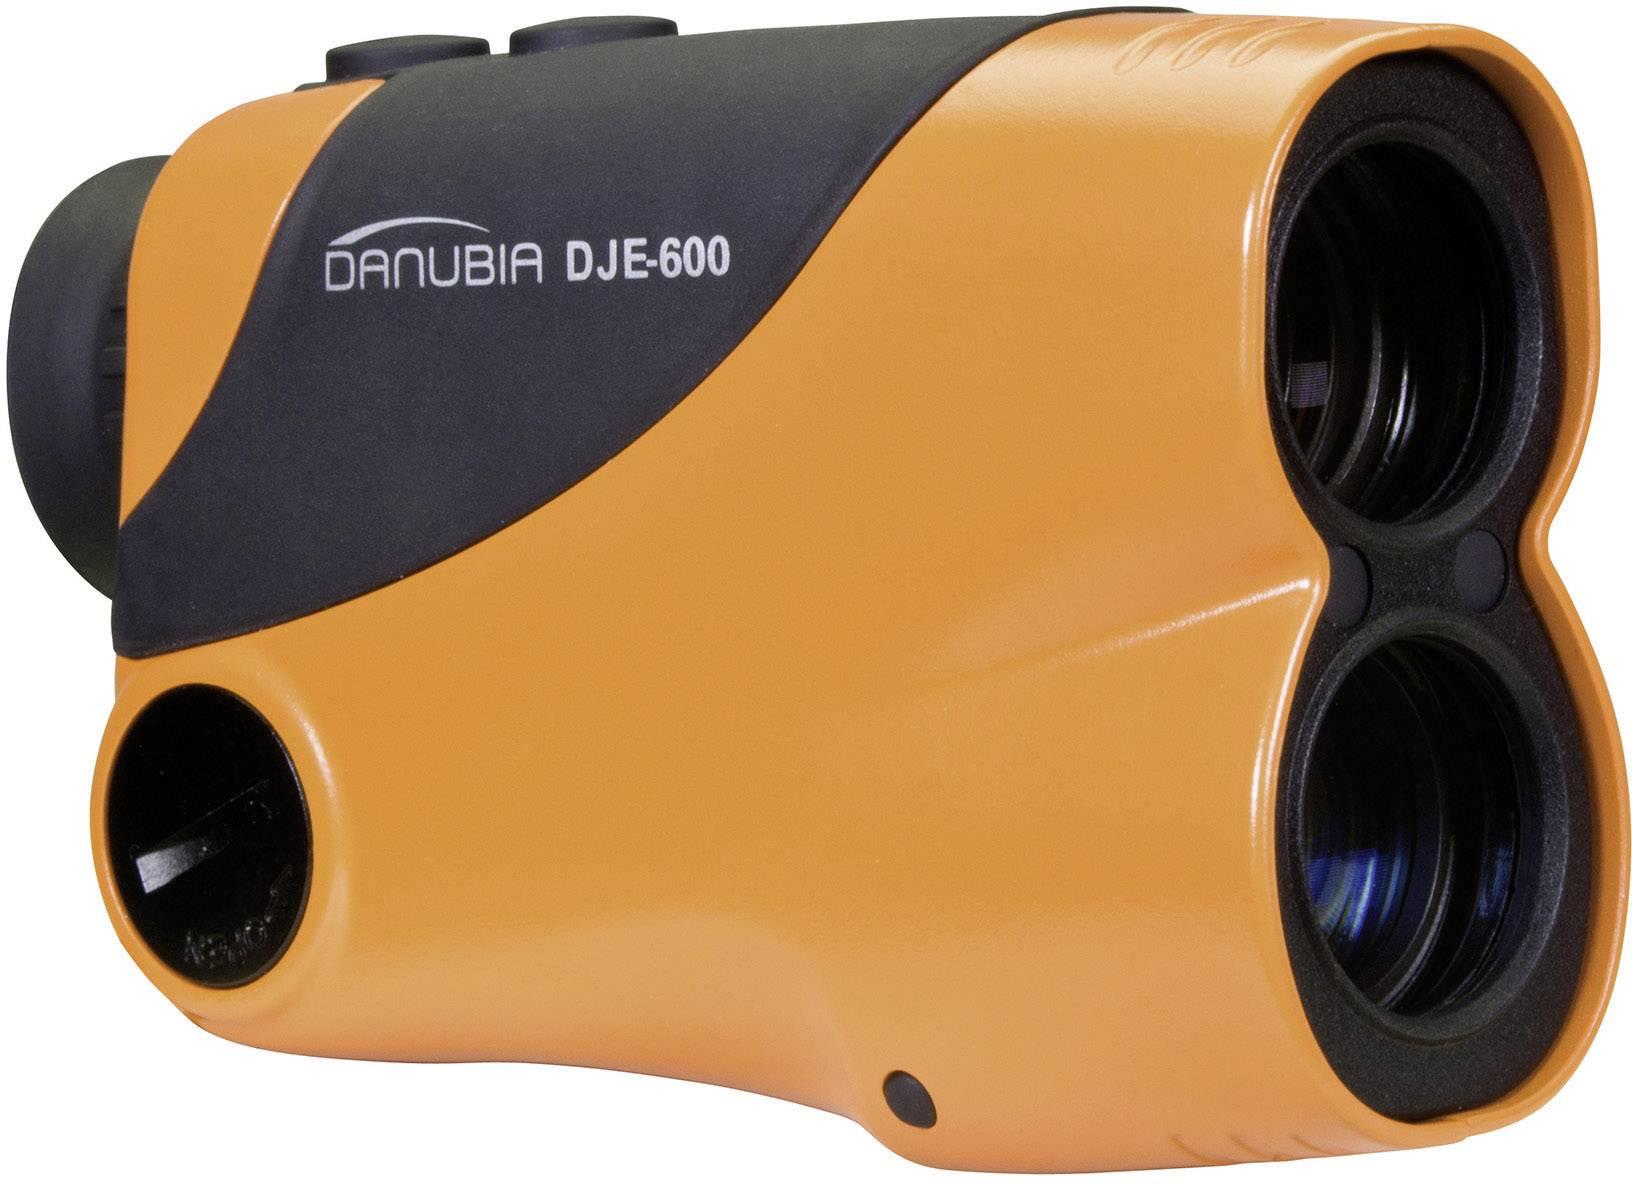 Entfernungsmesser Range 600 : Range finder renkforce 6 x 21 mmu003c conrad.com